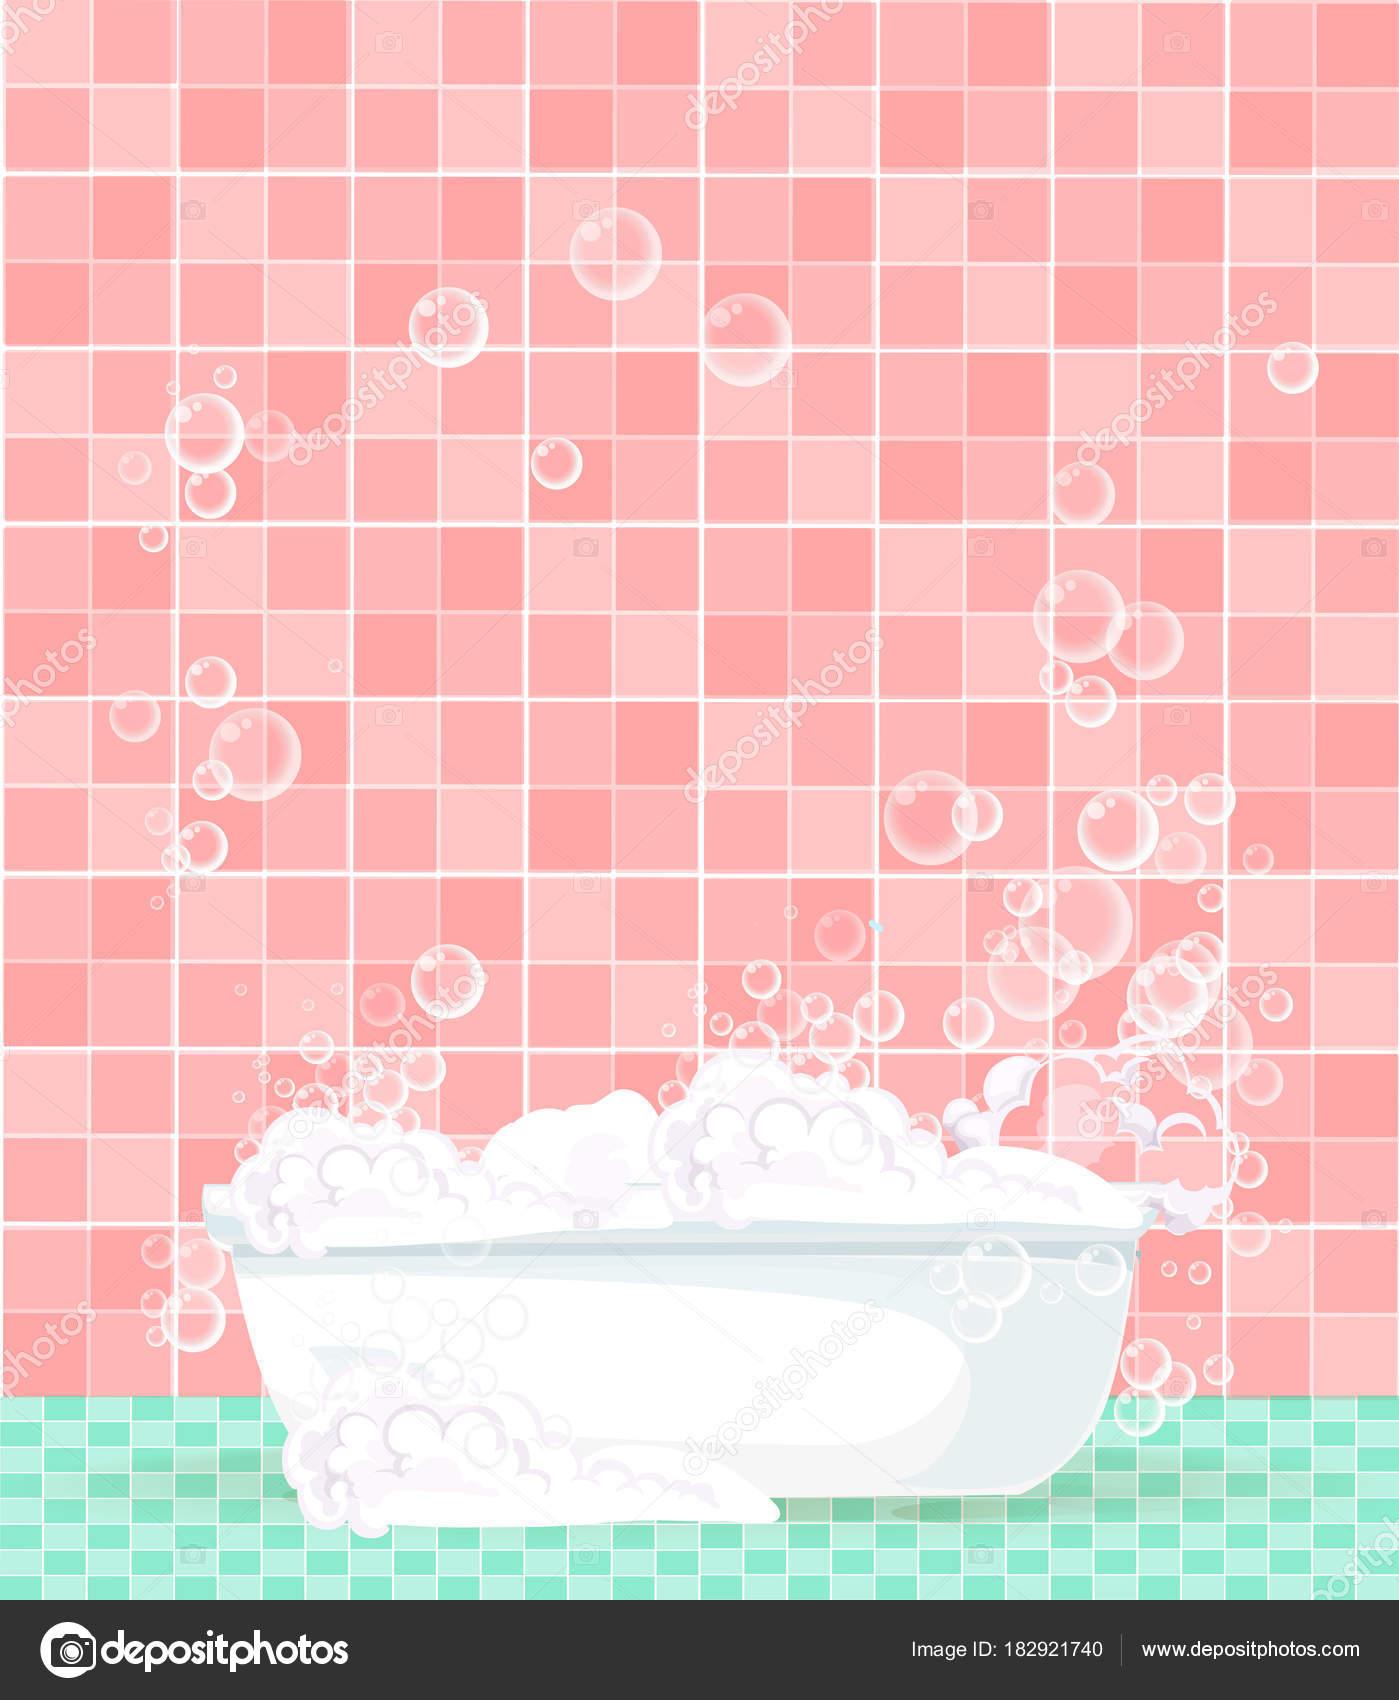 baera de dibujos animados llena de espuma en el fondo de azulejos rosa vector de - Azulejos Rosa